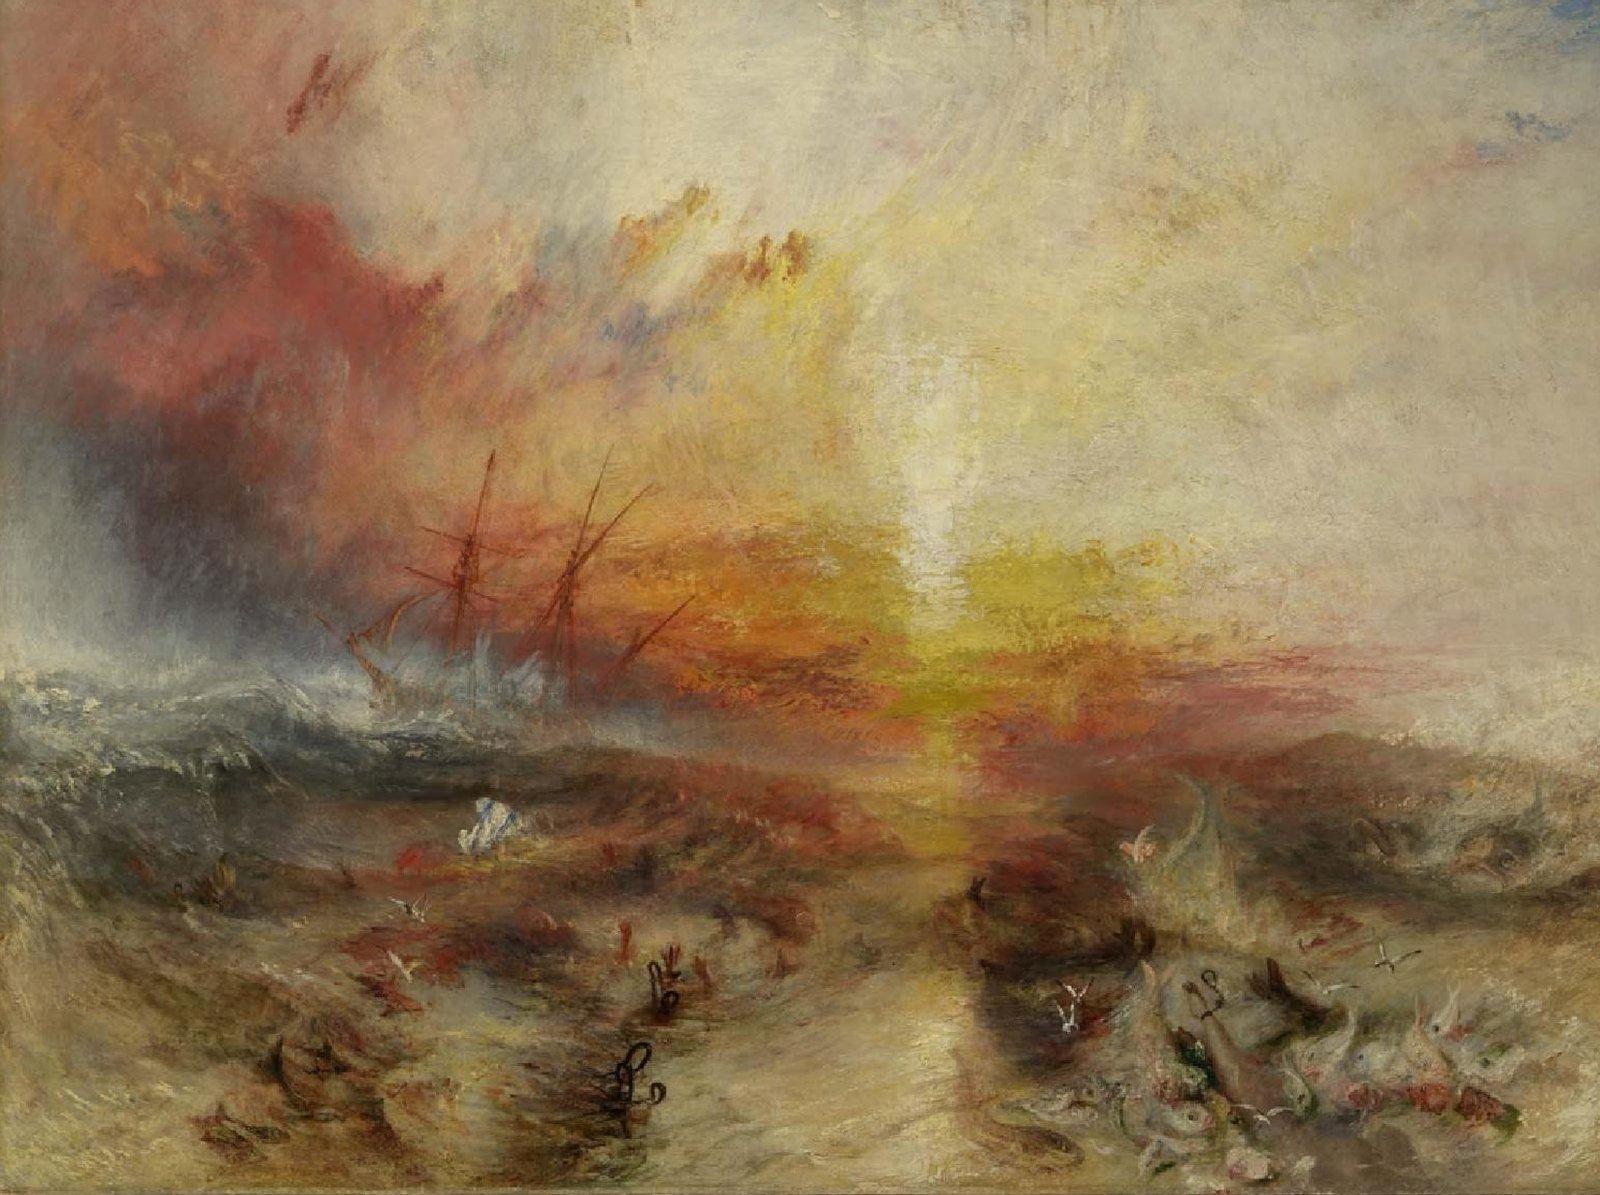 Pintura 'El barco de esclavos', de William Turner, expuesta en el Museo de Bellas Artes de Boston.